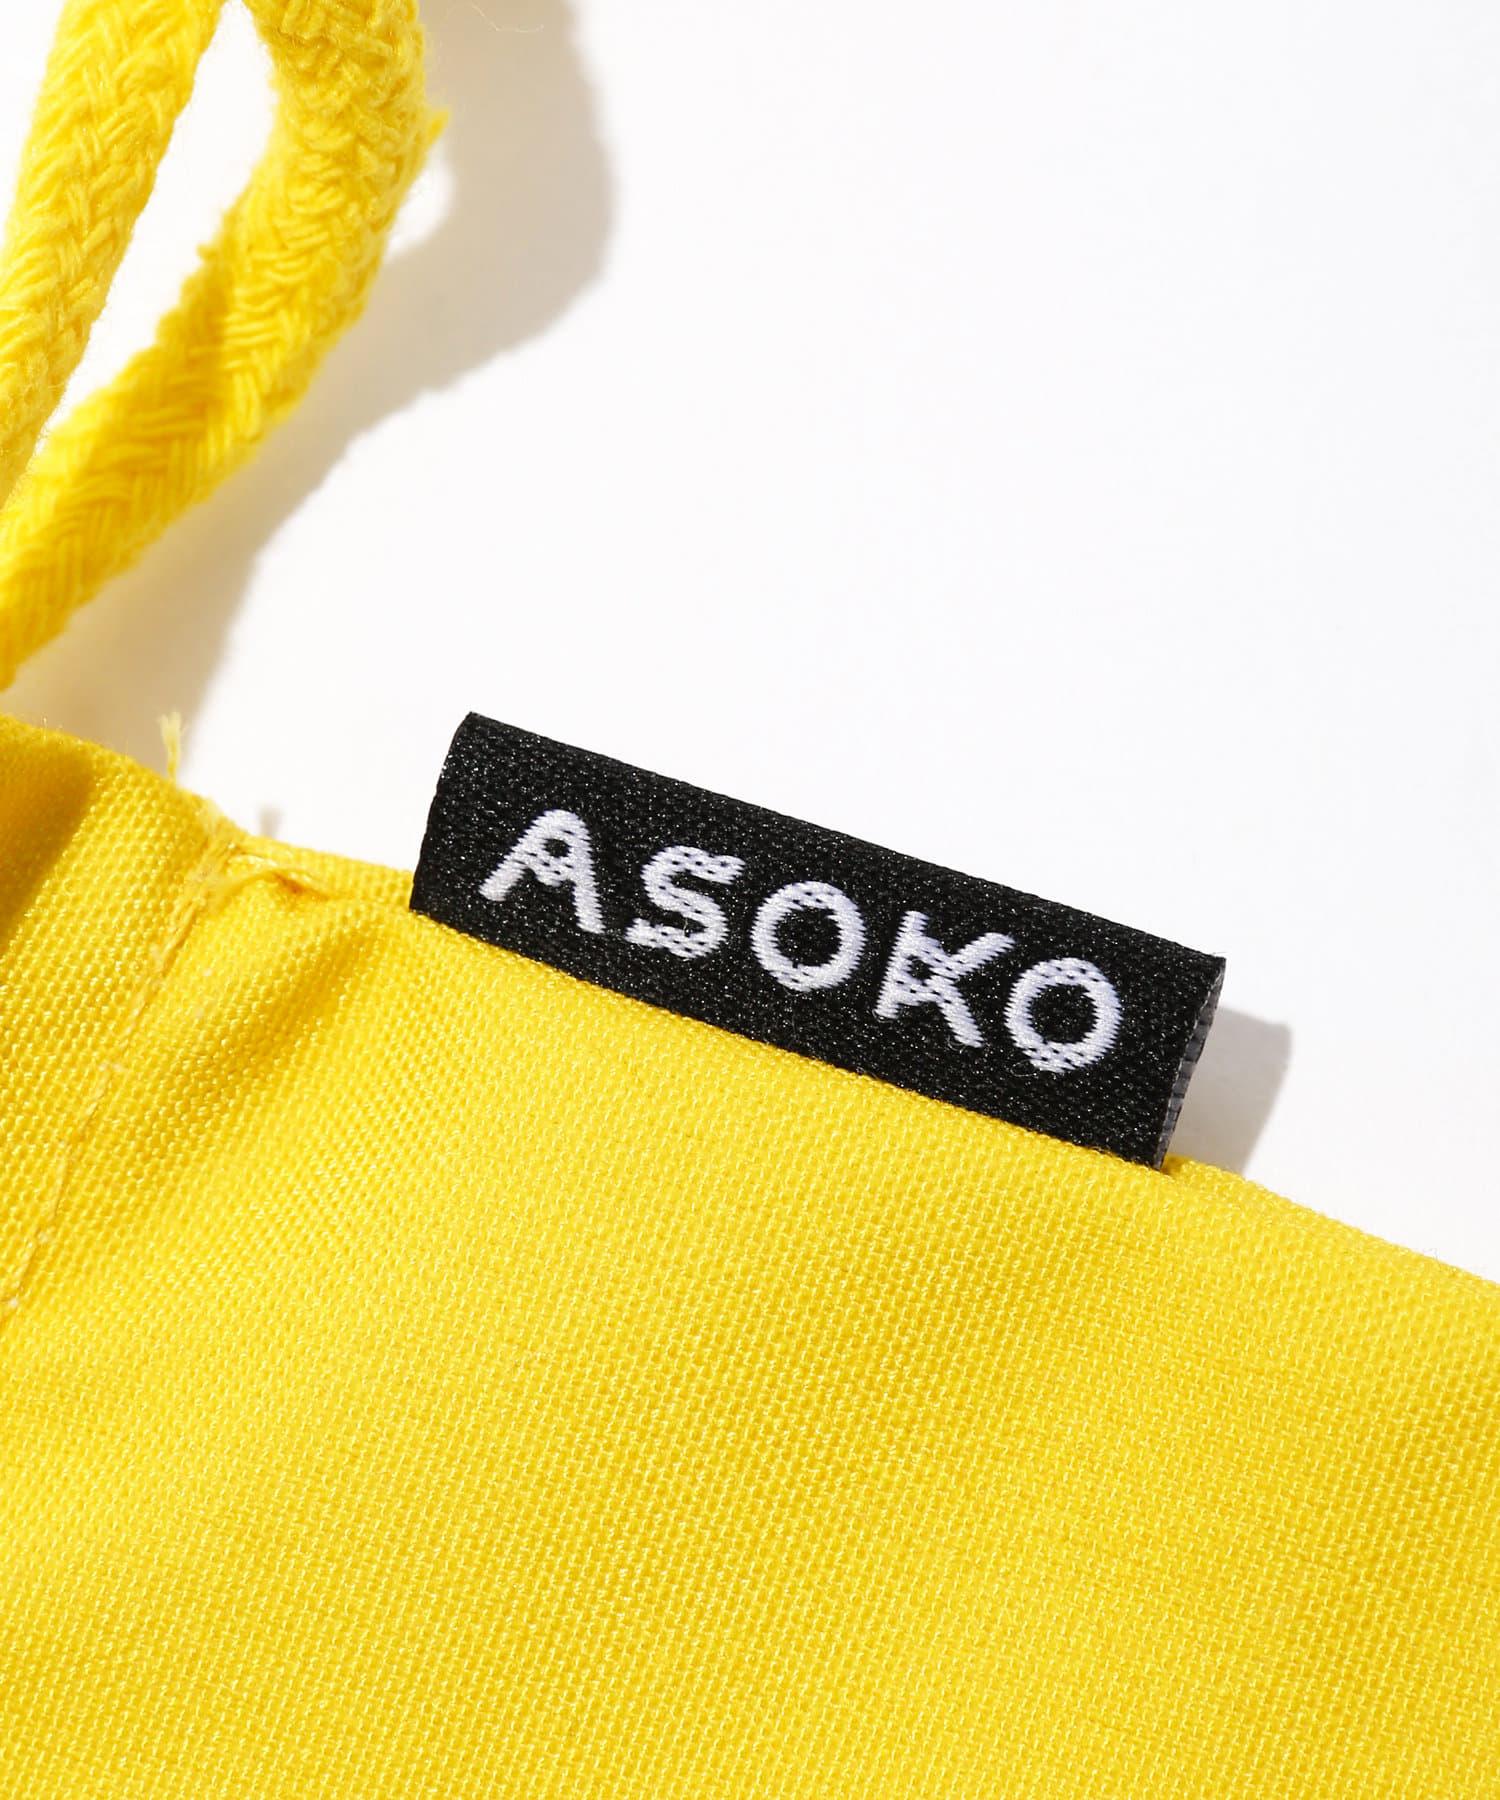 3COINS(スリーコインズ) 【ASOKO】【ASOKO de ART】巾着